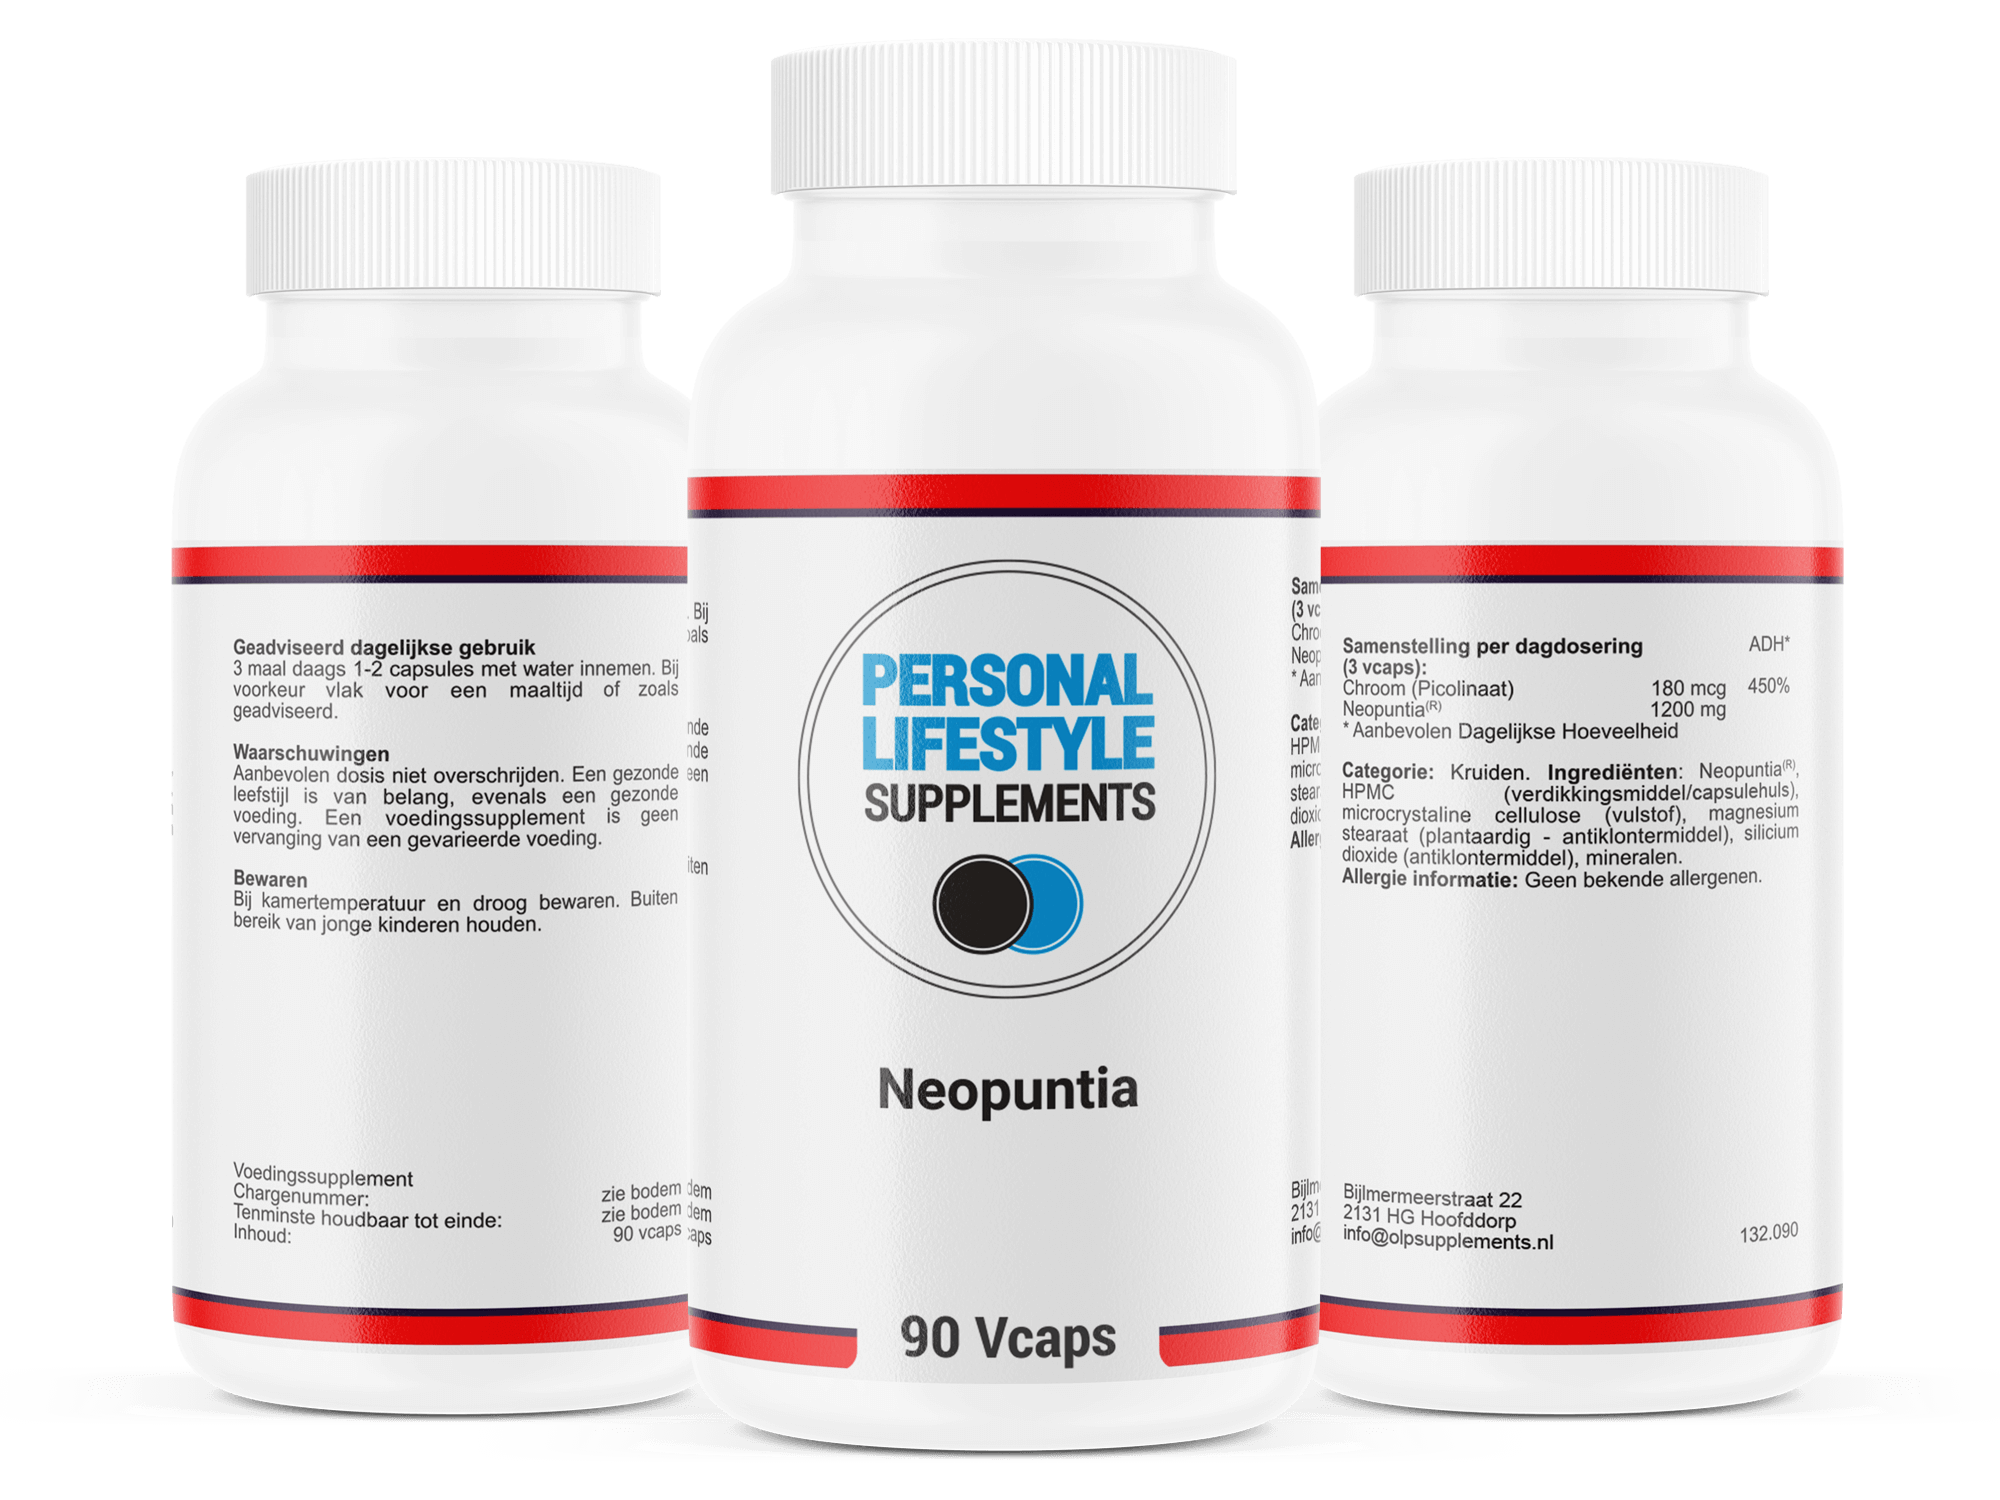 neopuntia-vermindert-drang-zoetigheid-supplement-bind-vet-balanceert-bloedsuikerspiegel-capsules-pillenneopuntia-vermindert-drang-zoetigheid-supplement-bind-vet-balanceert-bloedsuikerspiegel-capsules-pillen